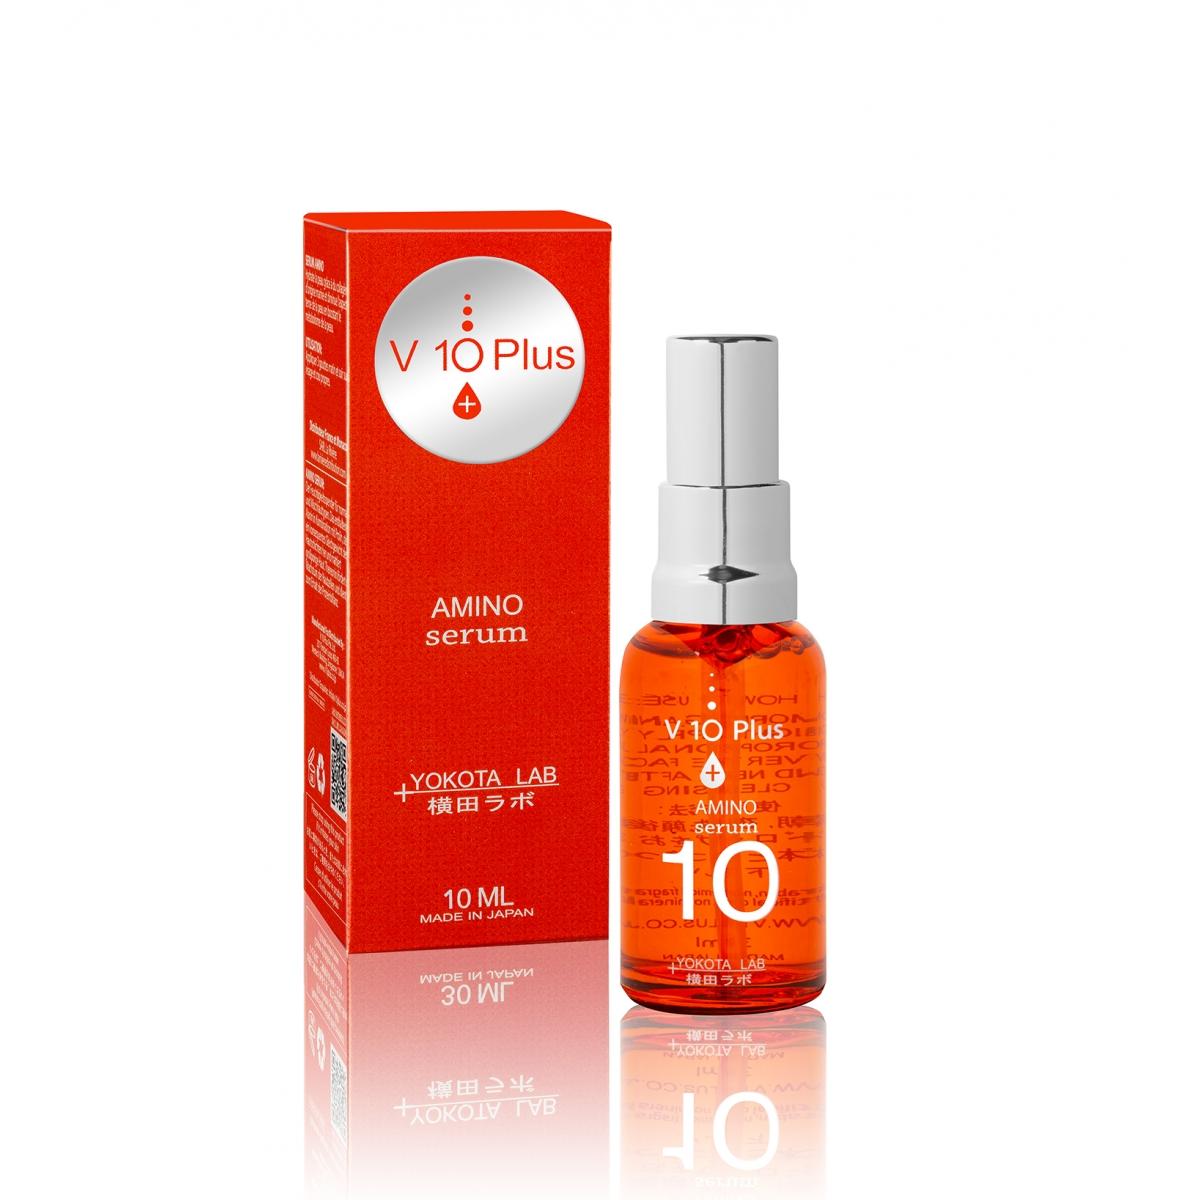 SOIN DU VISAGE - AMINO SERUM V10+ (10 ml)